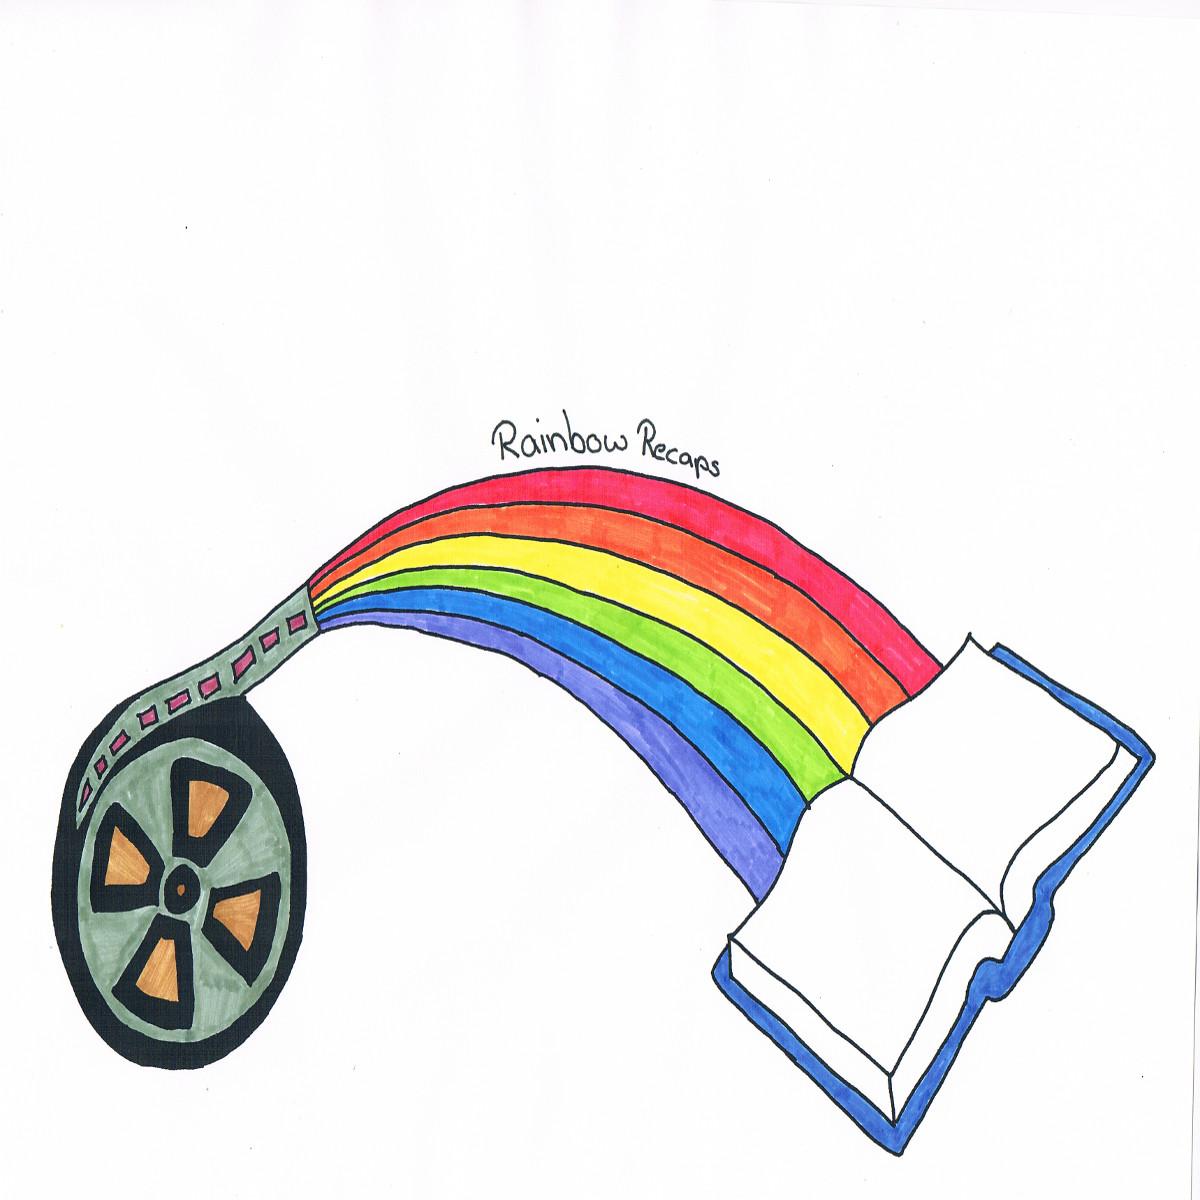 Rainbow Recaps